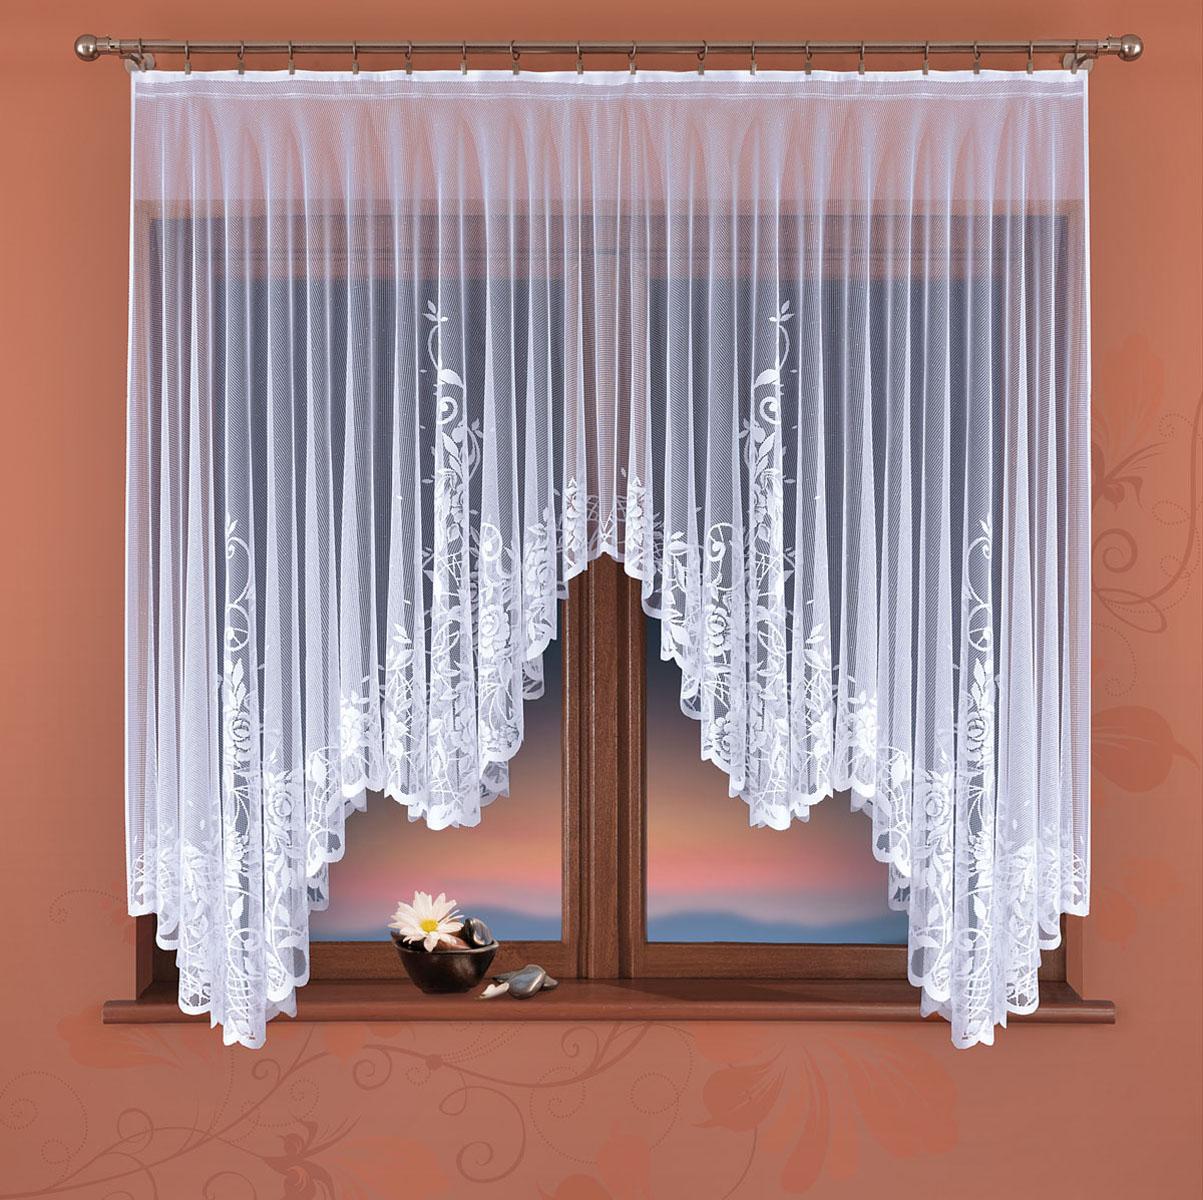 Гардина Wisan, цвет: белый, ширина 170 см, высота 160 см334ЕГардина жаккардовая, крепление зажимы для штор.Размеры: 170*высота 160